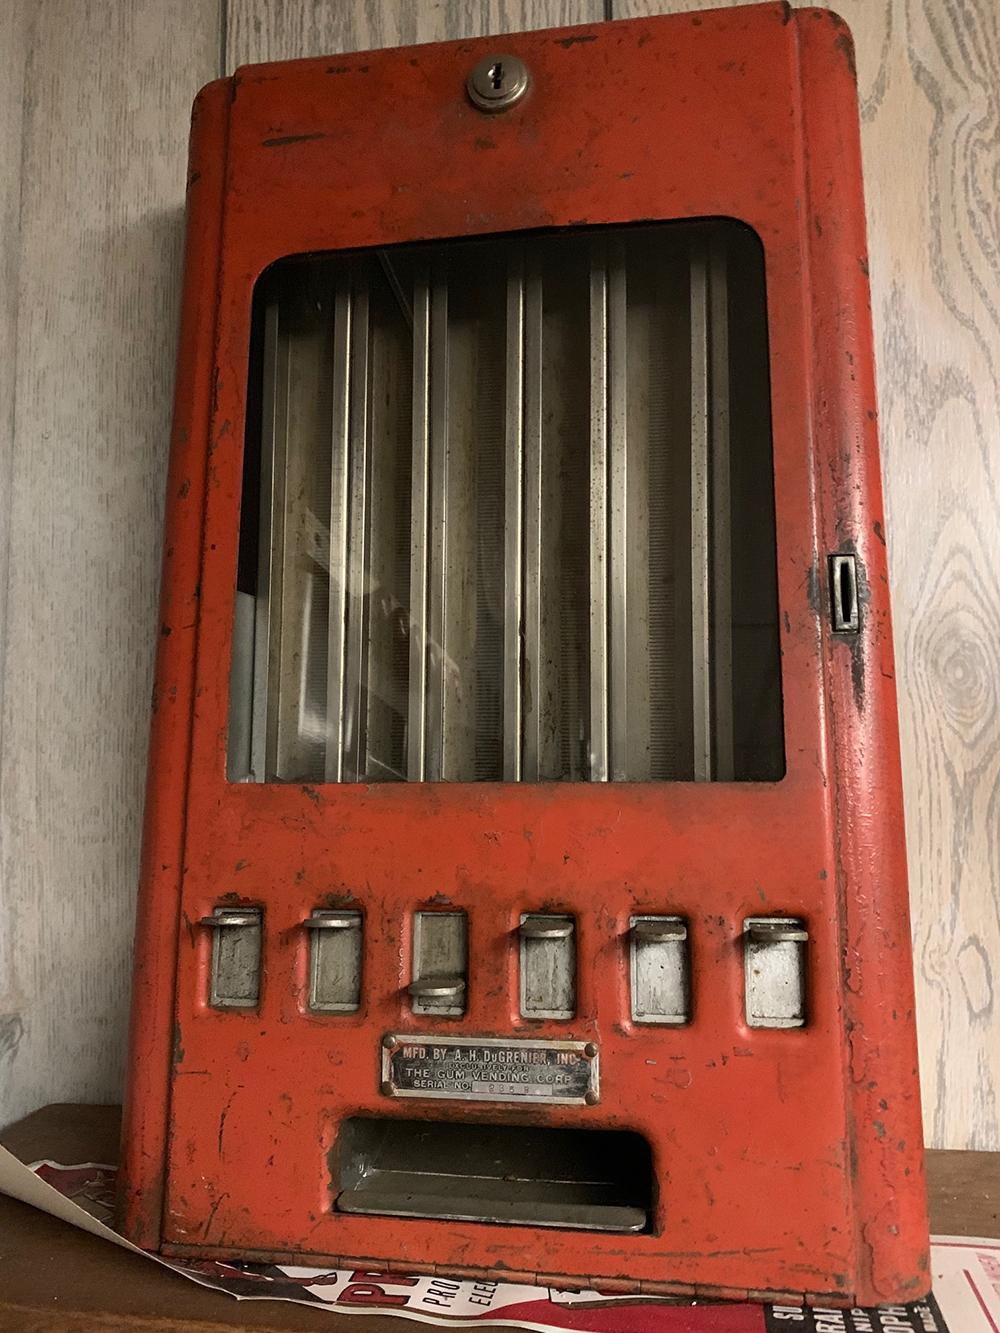 Vintage 1 Cent Gum Vending Machine